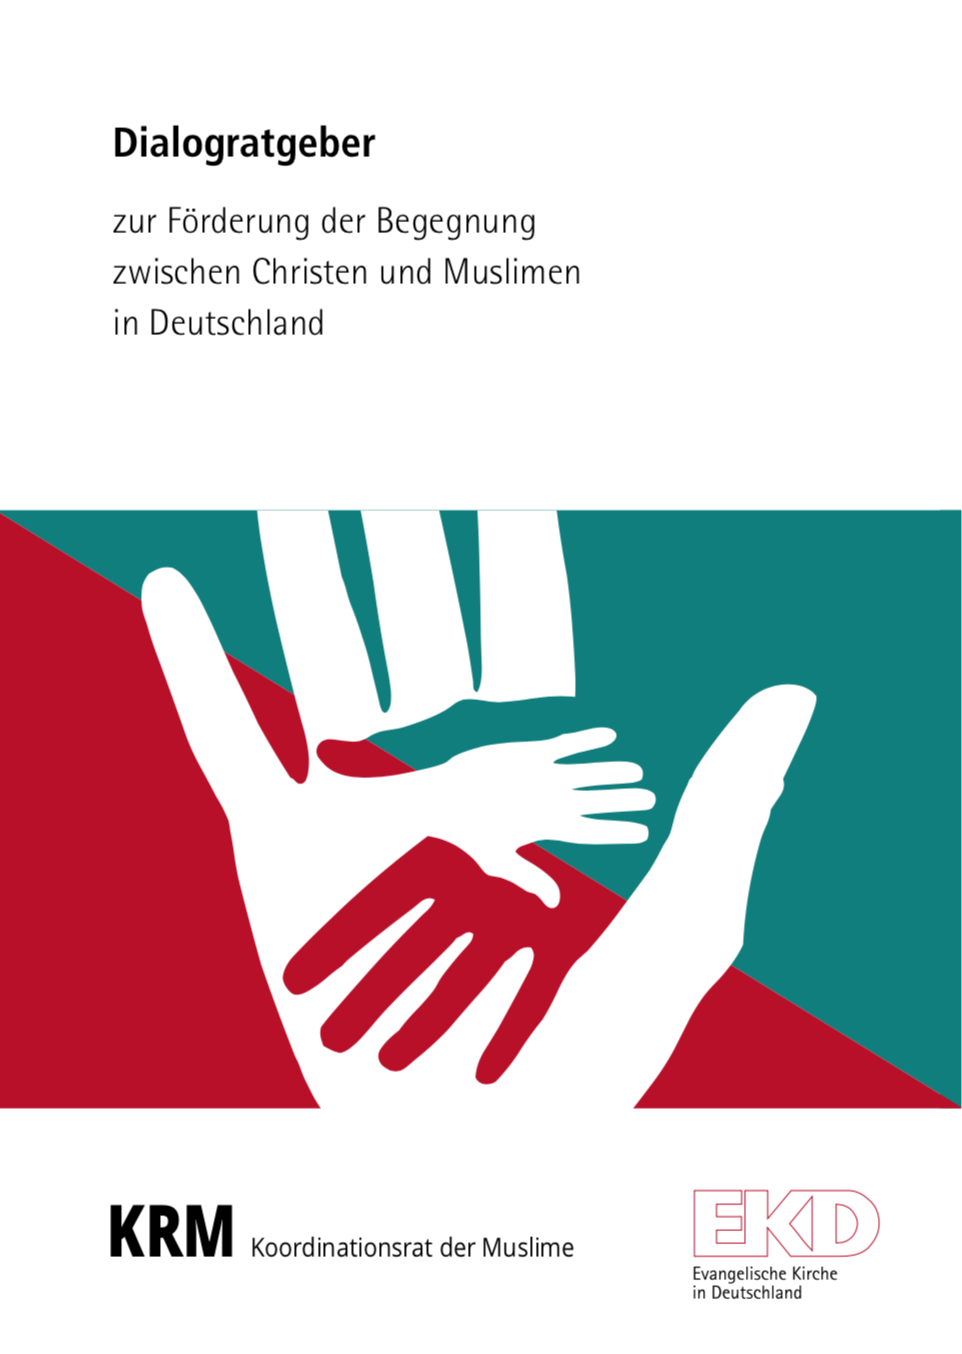 Dialogratgeber zur Förderung der Begegnung zwischen Christen und Muslimen in Deutschland